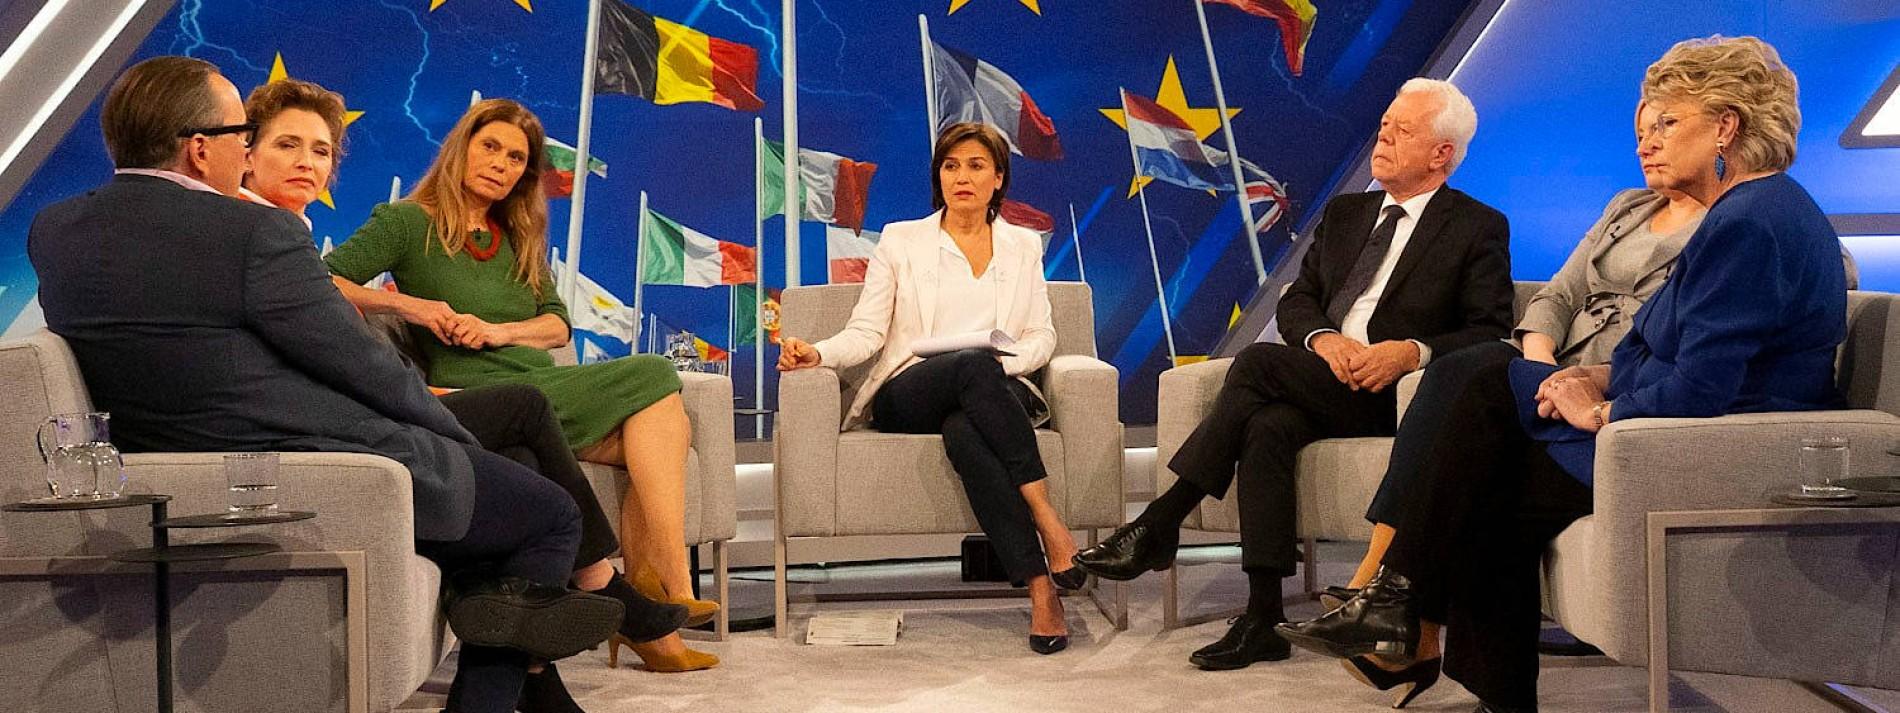 Von Rückschritten und Gerüchten um Merkels Rolle in der EU